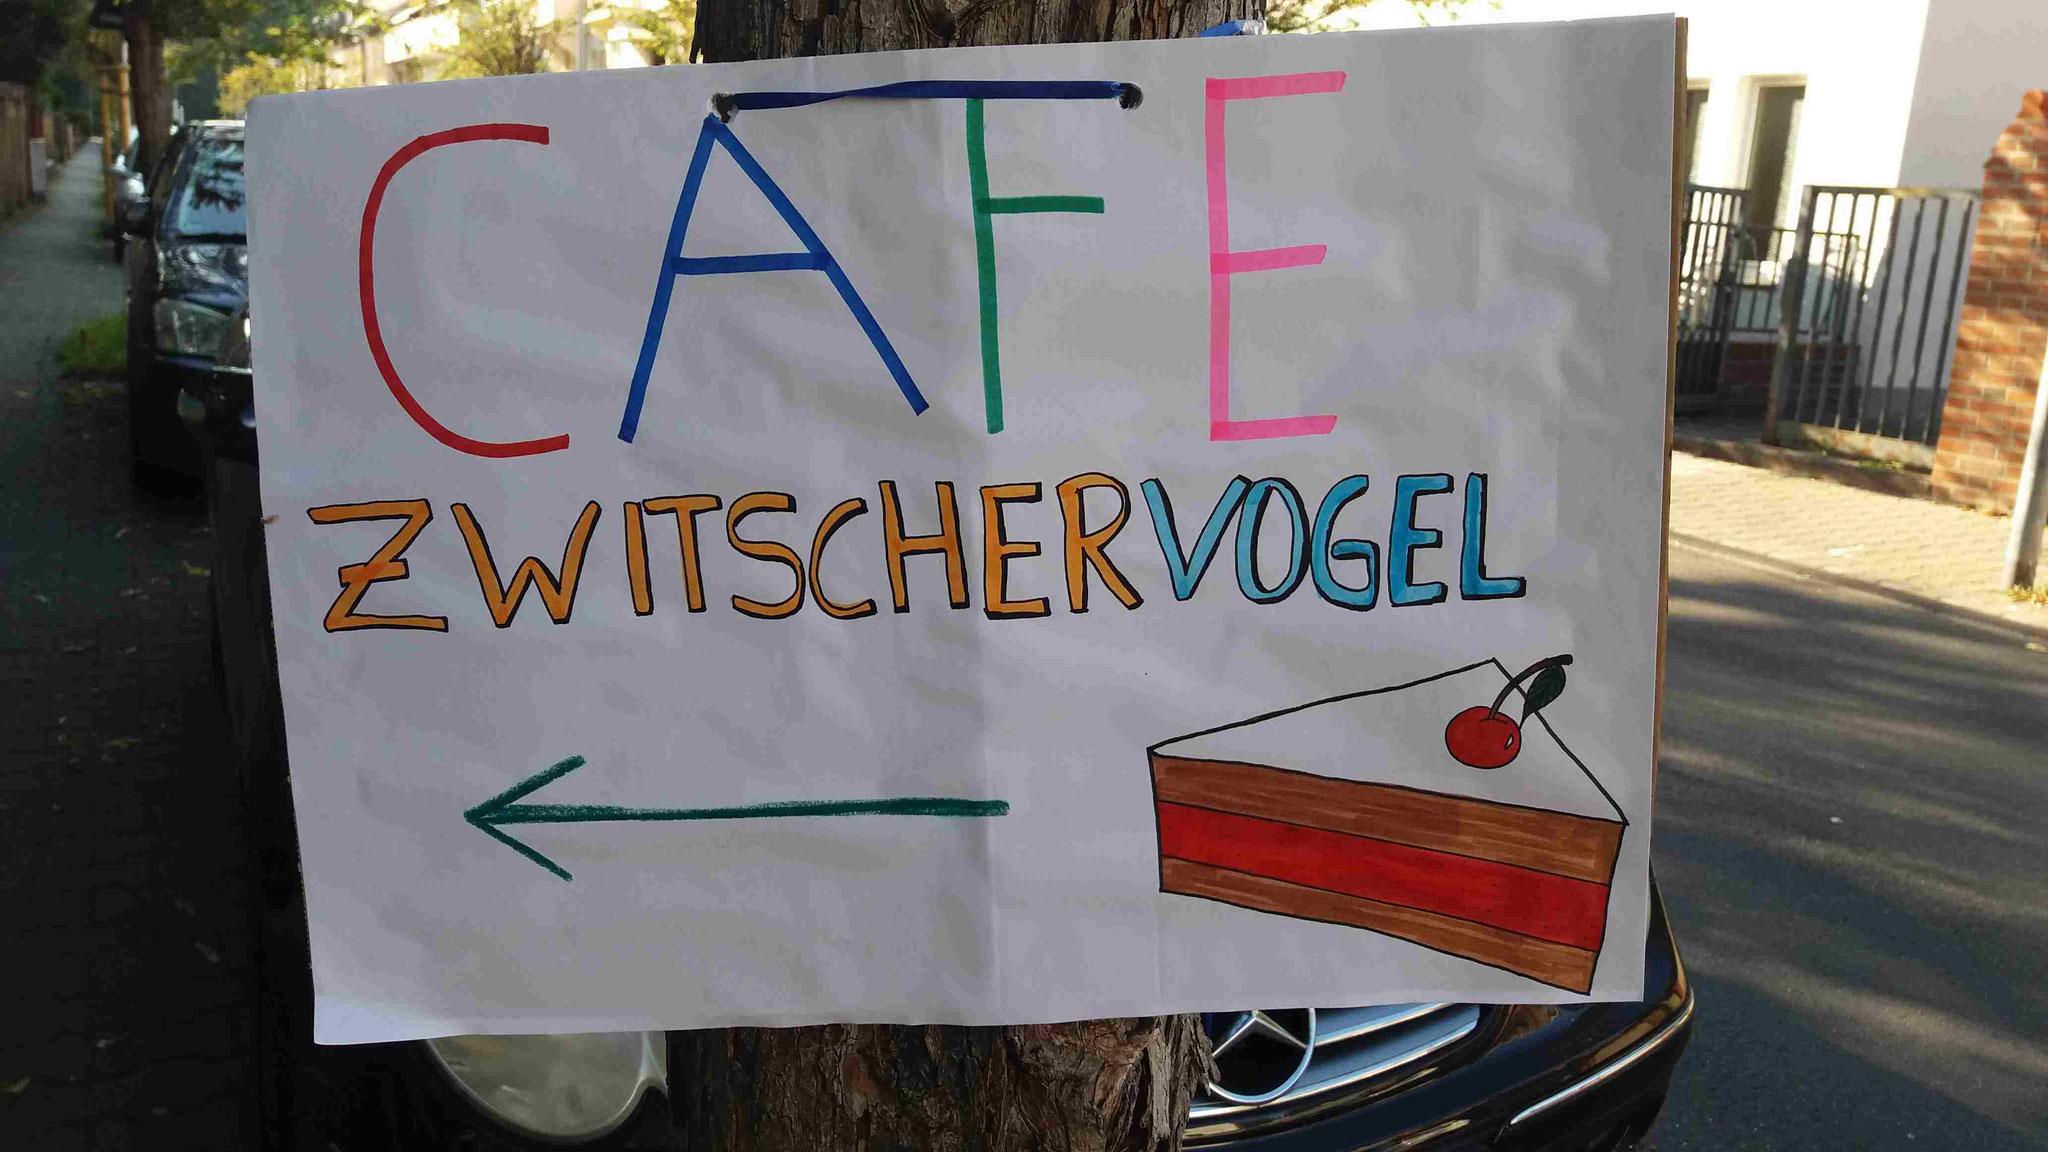 Cafe Zwitschervogel Bild: M. Wendt